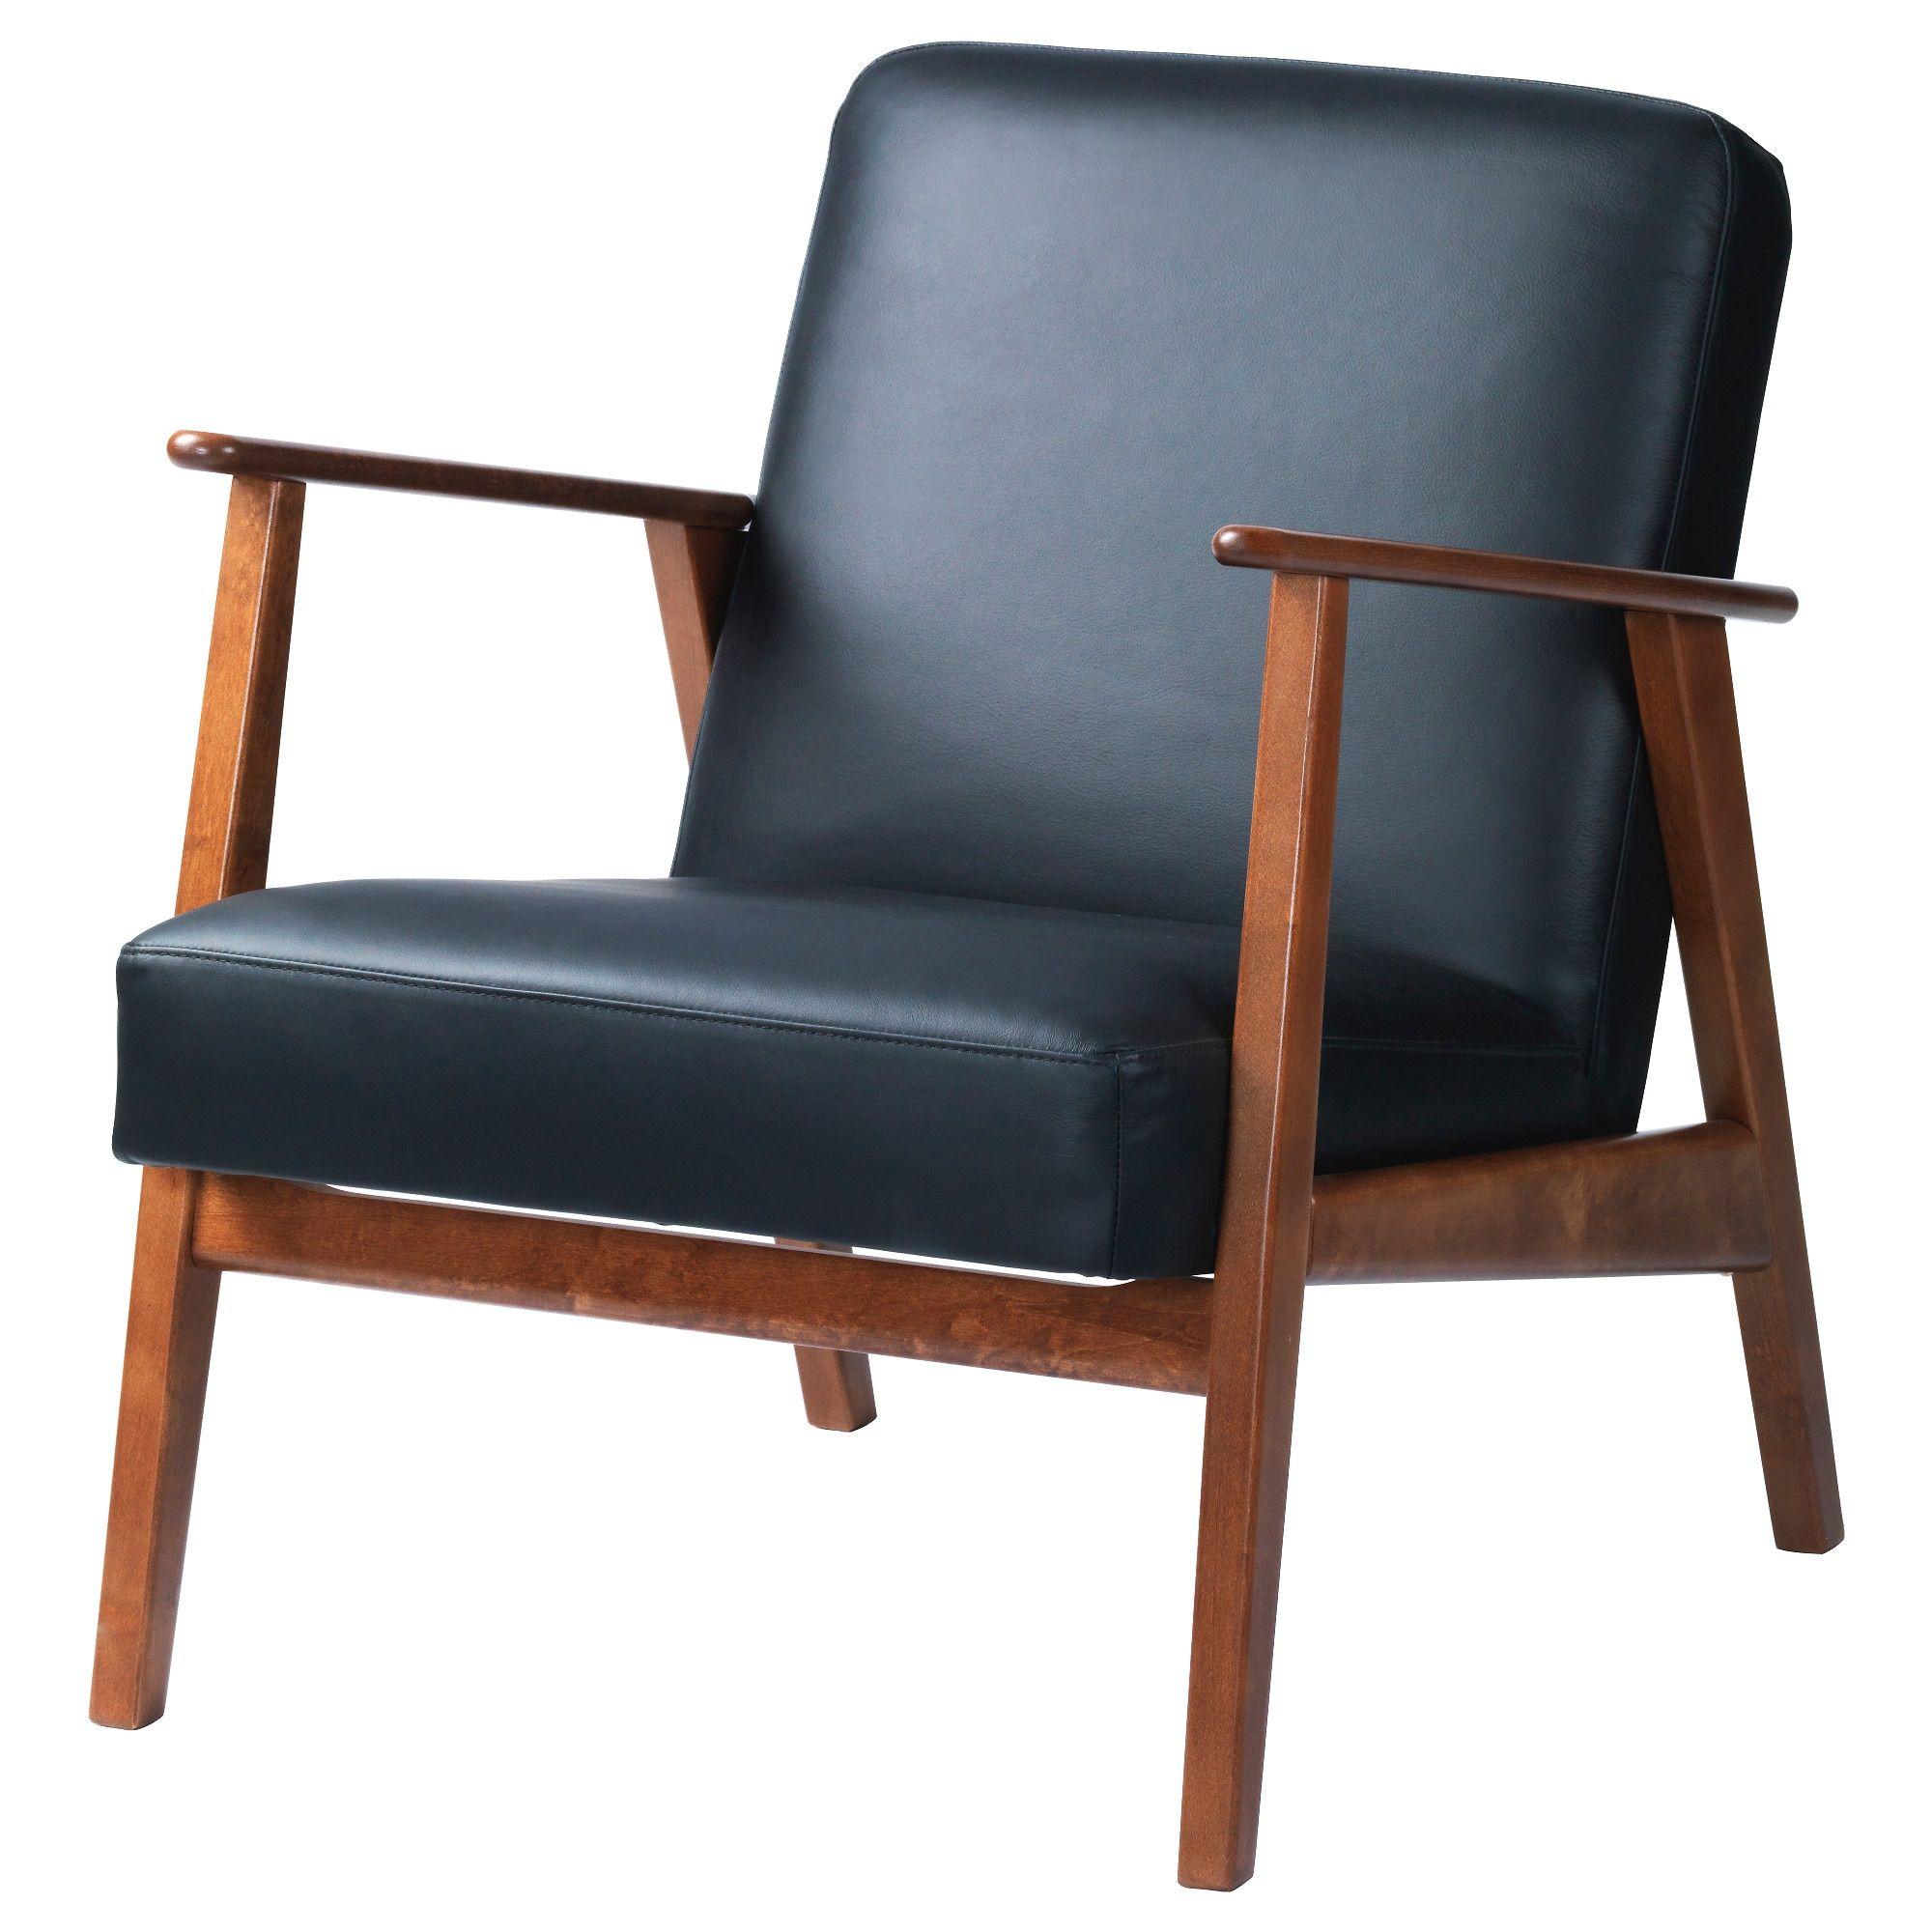 EKENÄSET Sessel - Idhult schwarz | Sessel, Armlehnen und ...